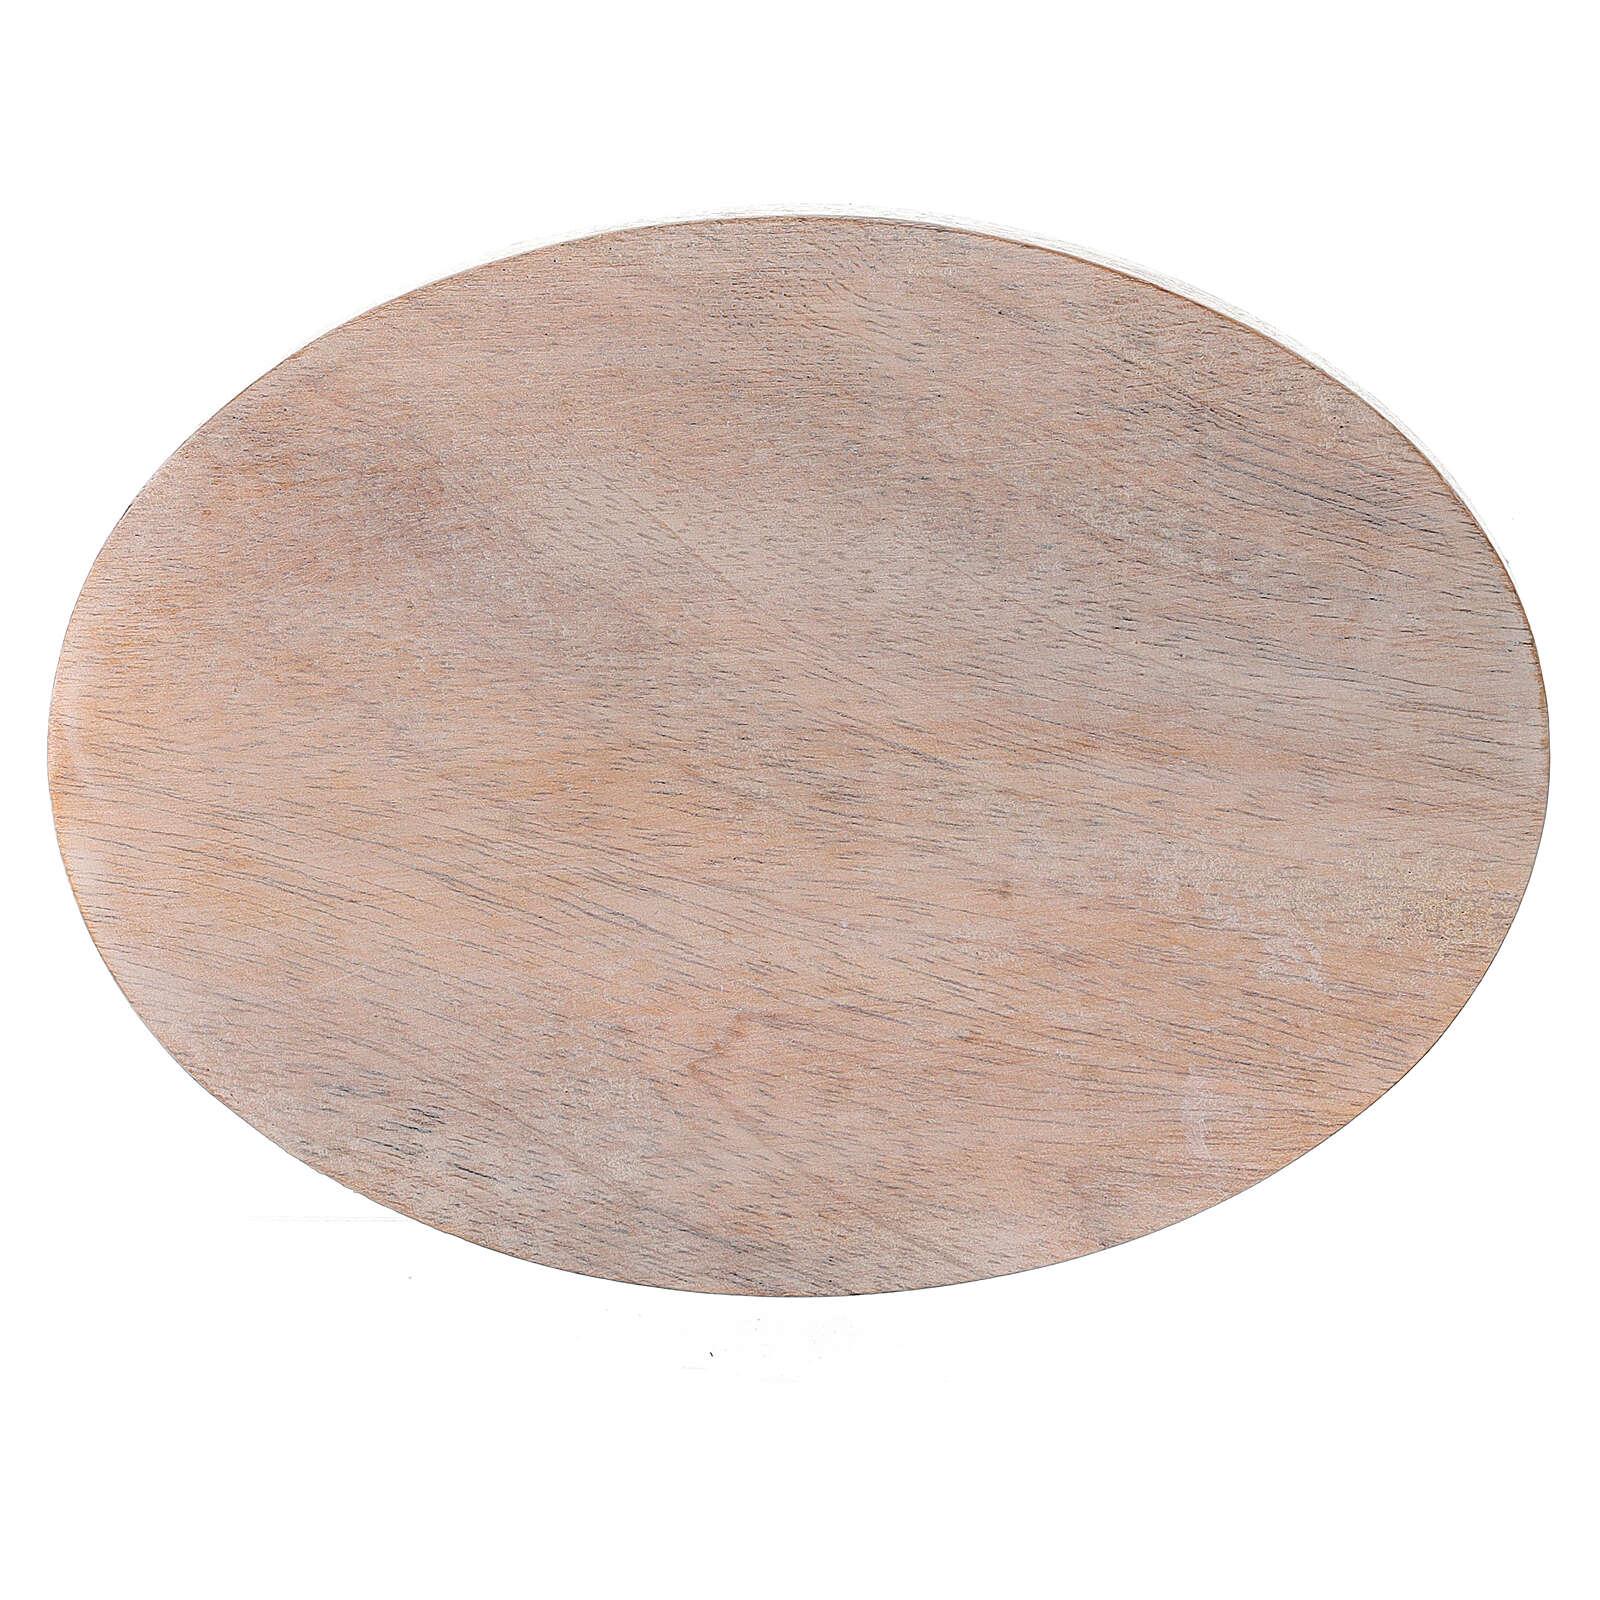 Assiette porte-bougie bois manguier clair ovale 13,5x10 cm 3